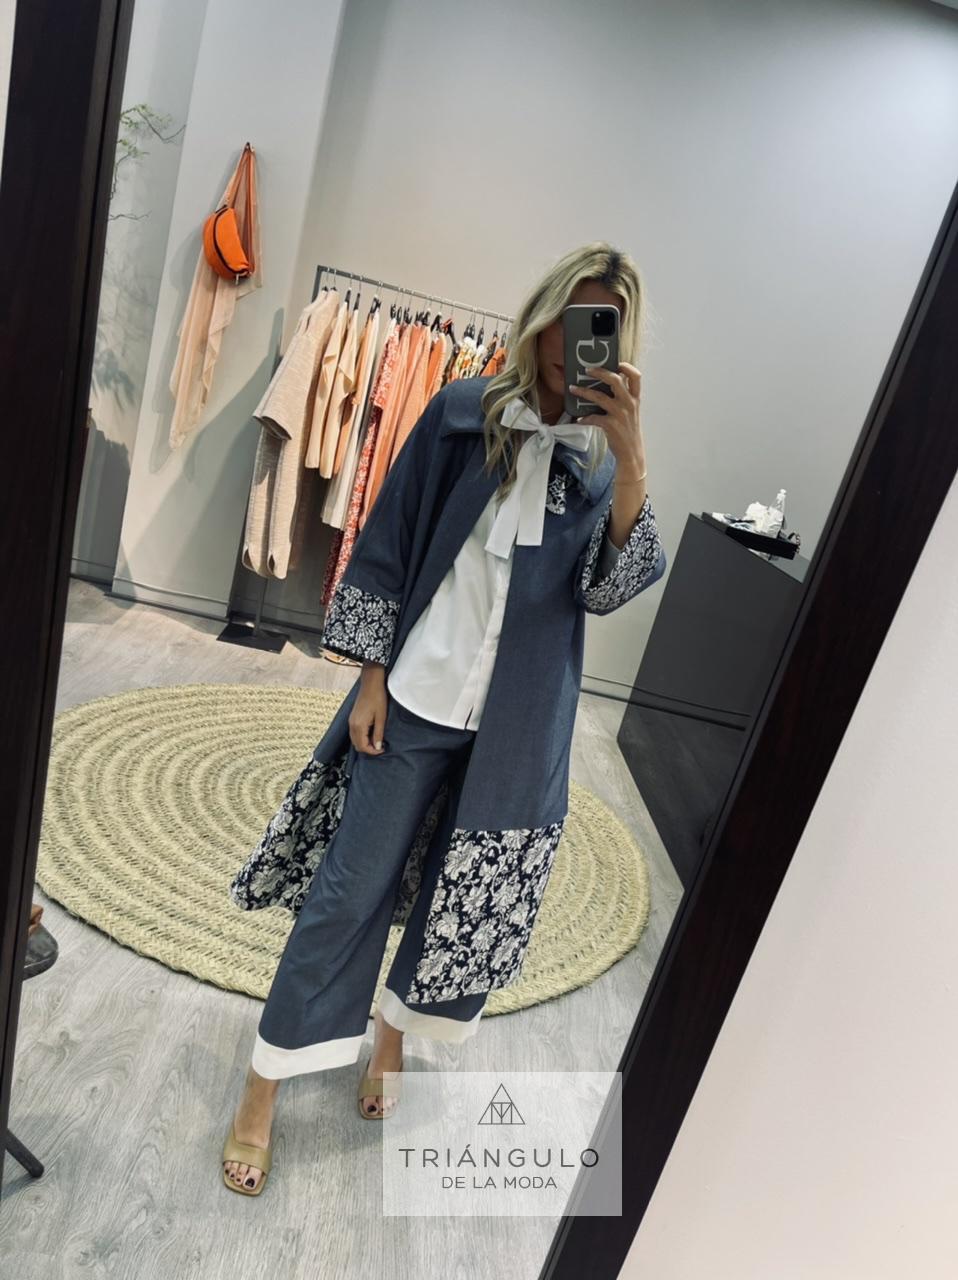 Tienda online del Triangulo de la Moda Abrigo pachwork